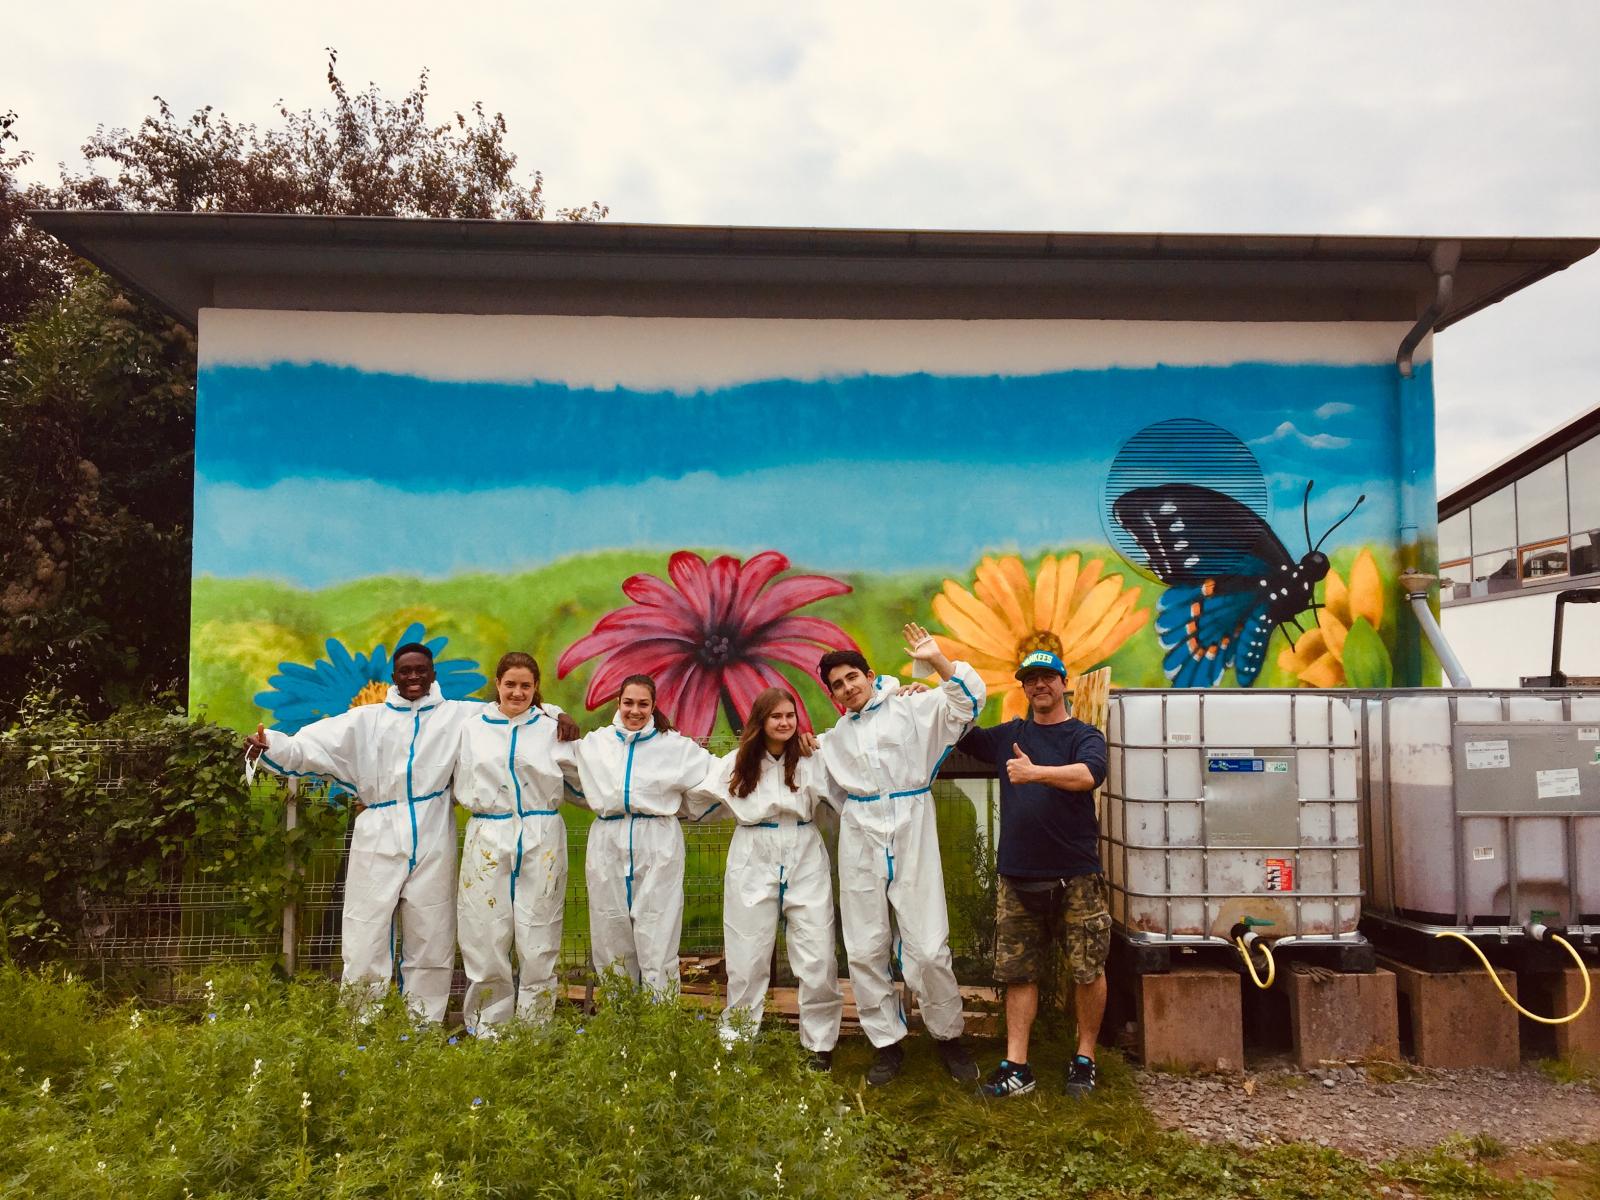 01-12.-Klasse-Sprayprojekt-mit-Stadt-Eppelheim